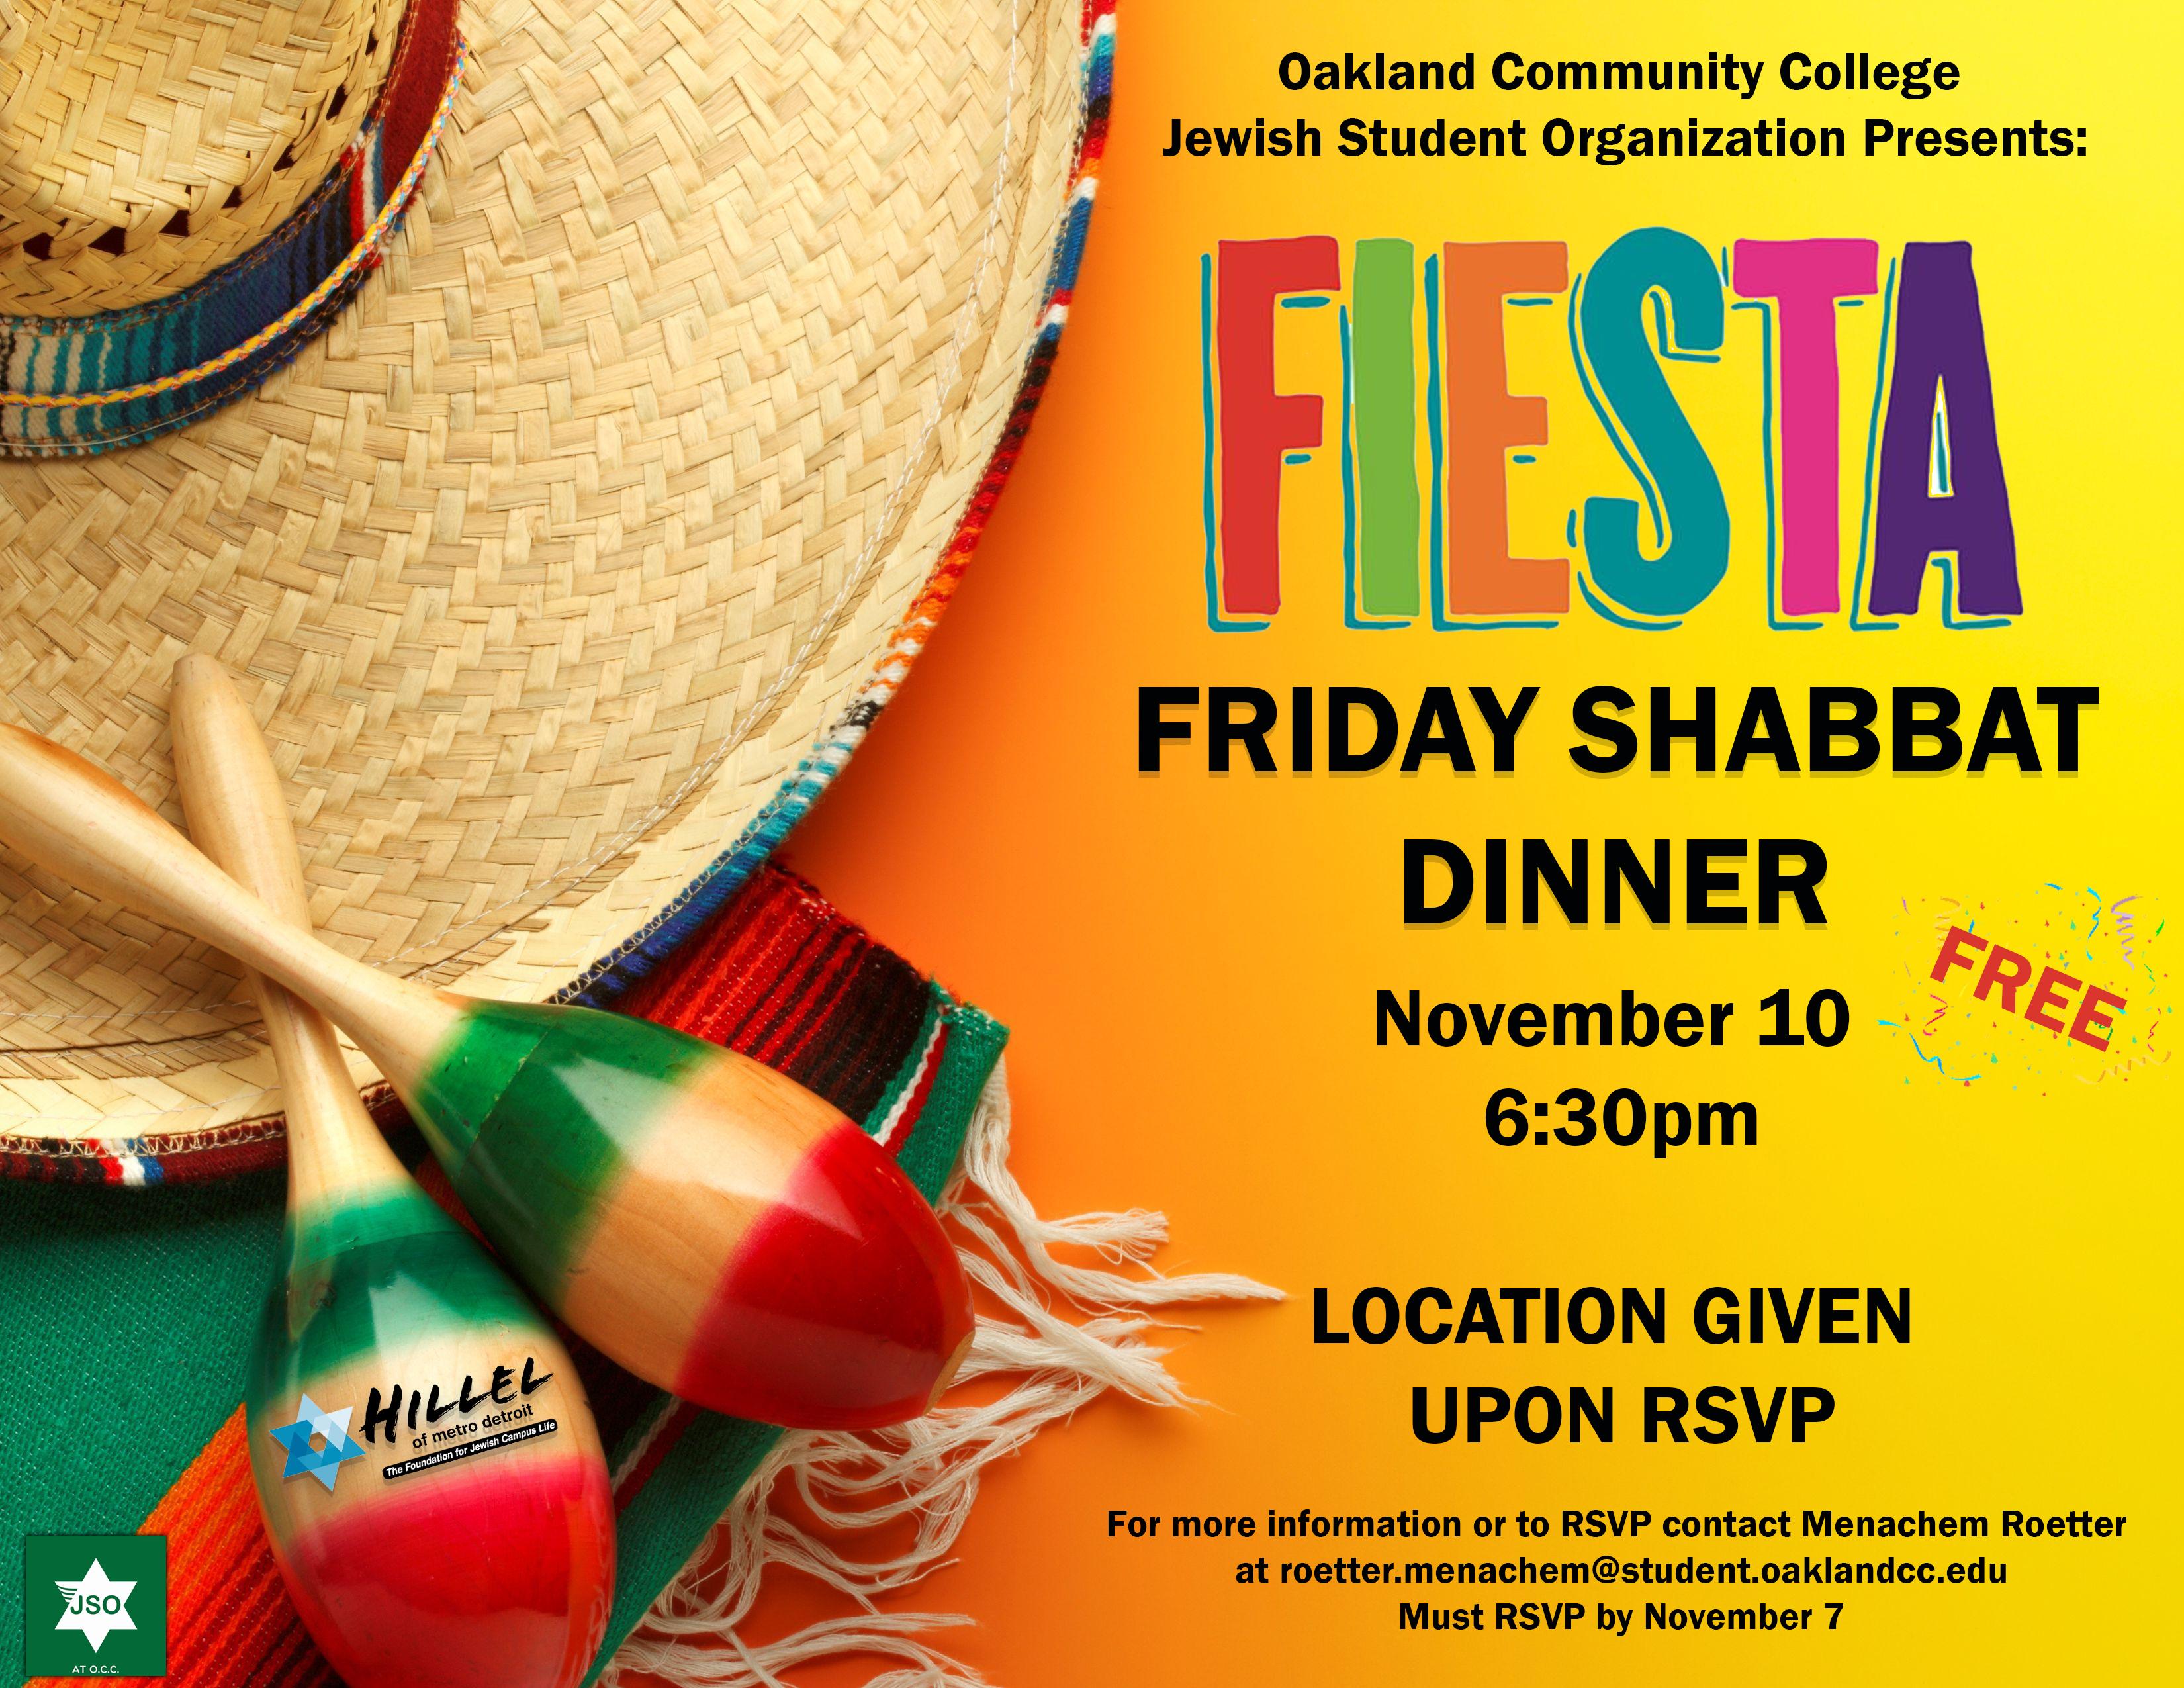 OCC Fiesta Shabbat 2017